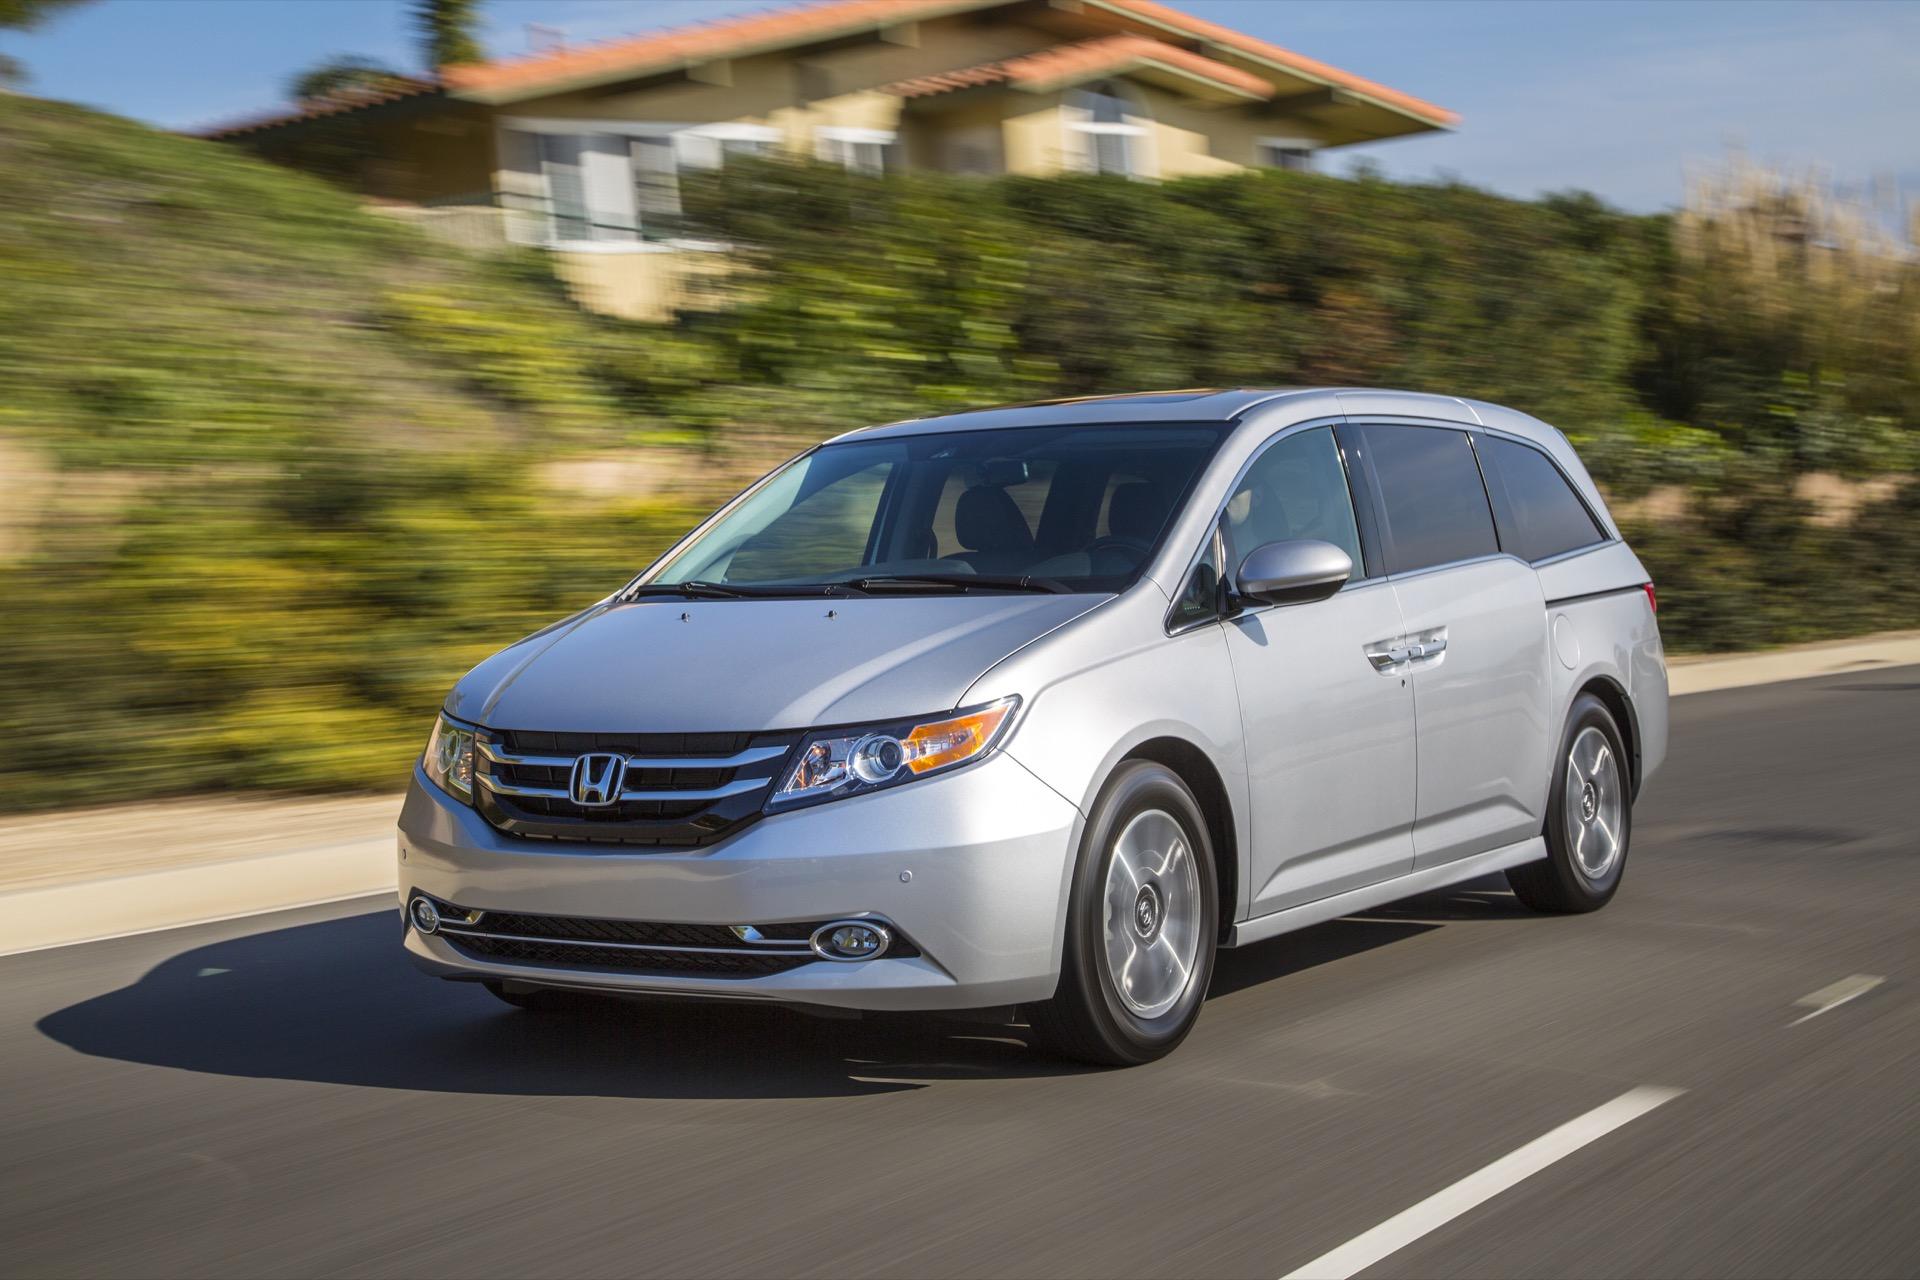 sienna 2016 lọt top các xe minivan an tòan nhất hiện nay